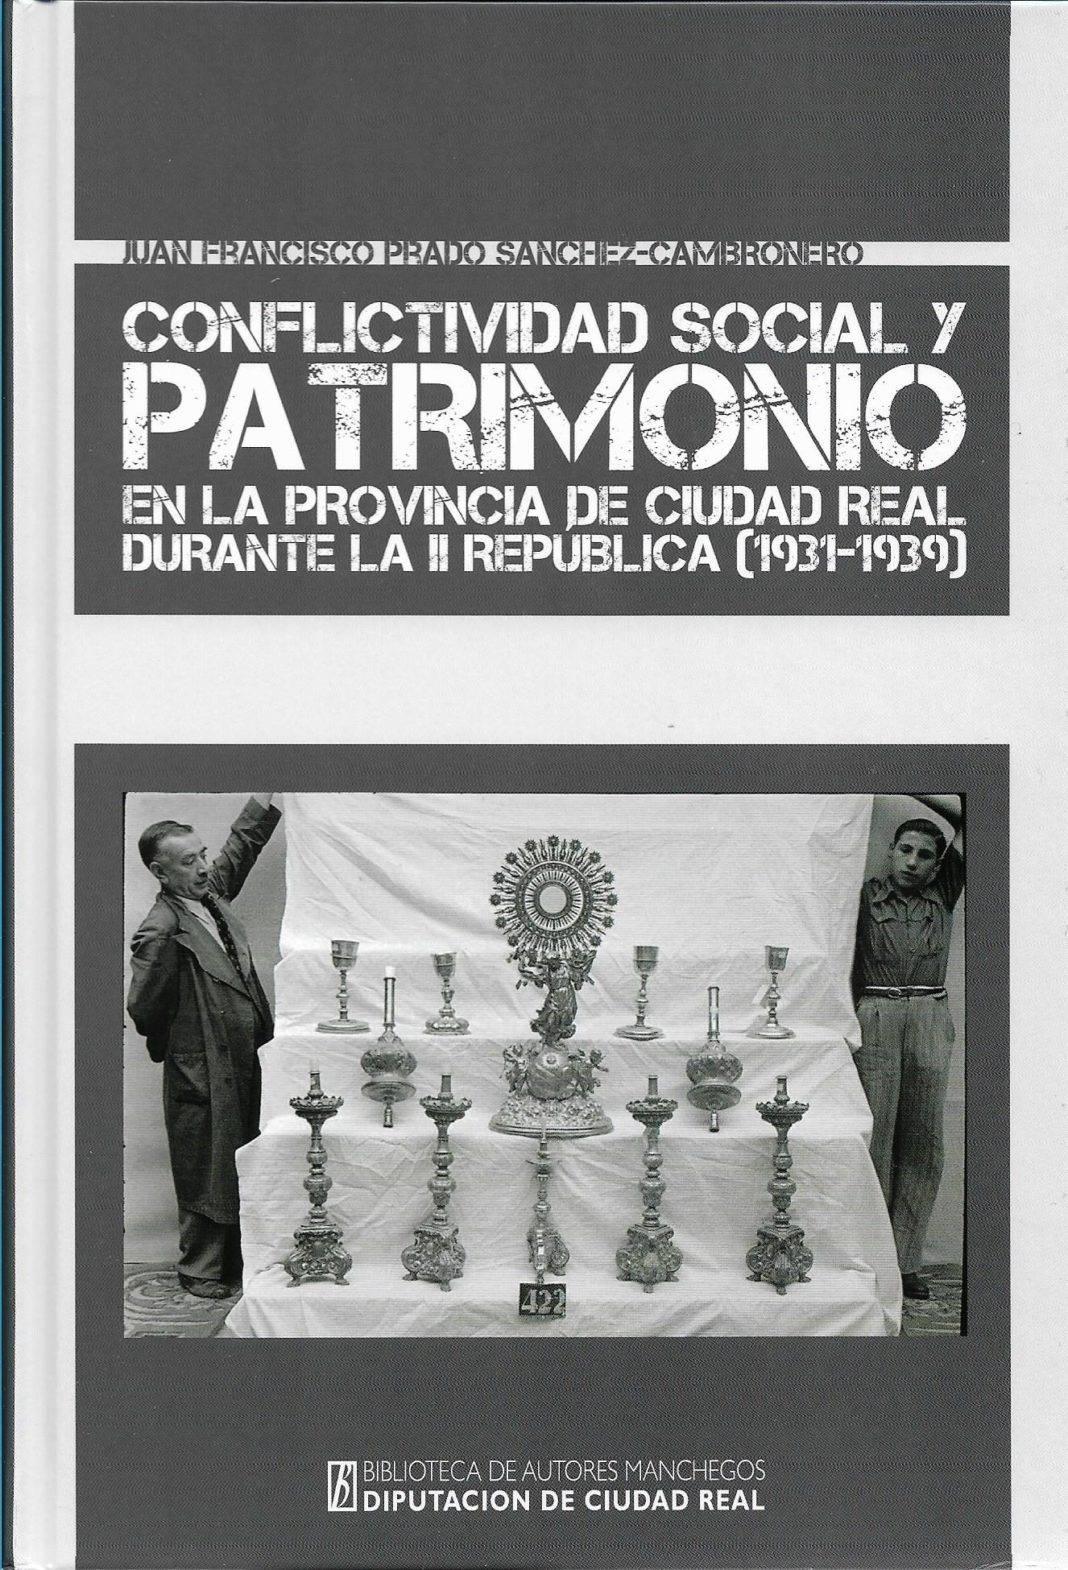 Juan Francisco Prado presenta su libro Conflictividad Social y Patrimonio 4